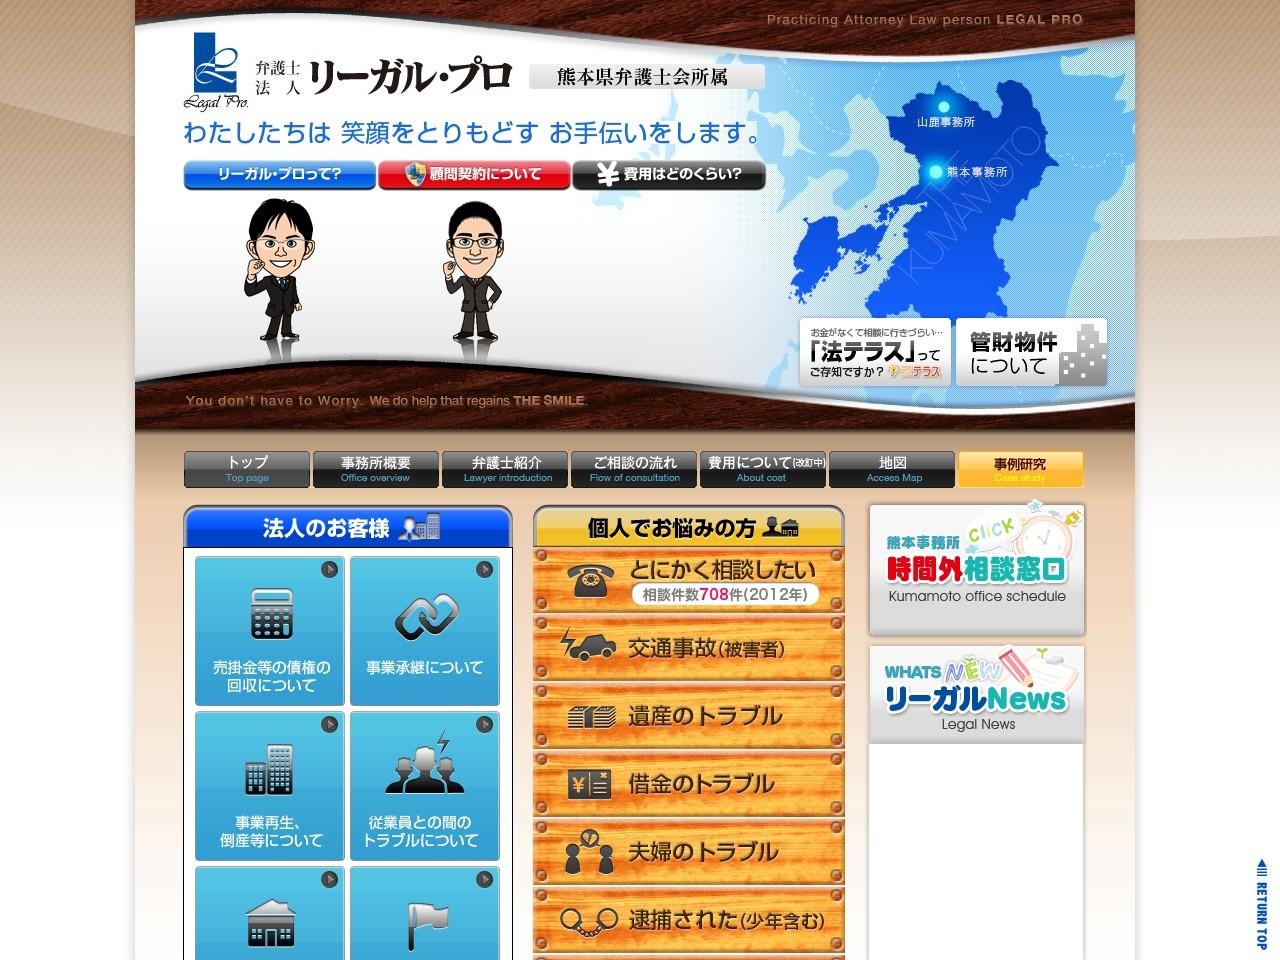 リーガル・プロ(弁護士法人)/熊本事務所